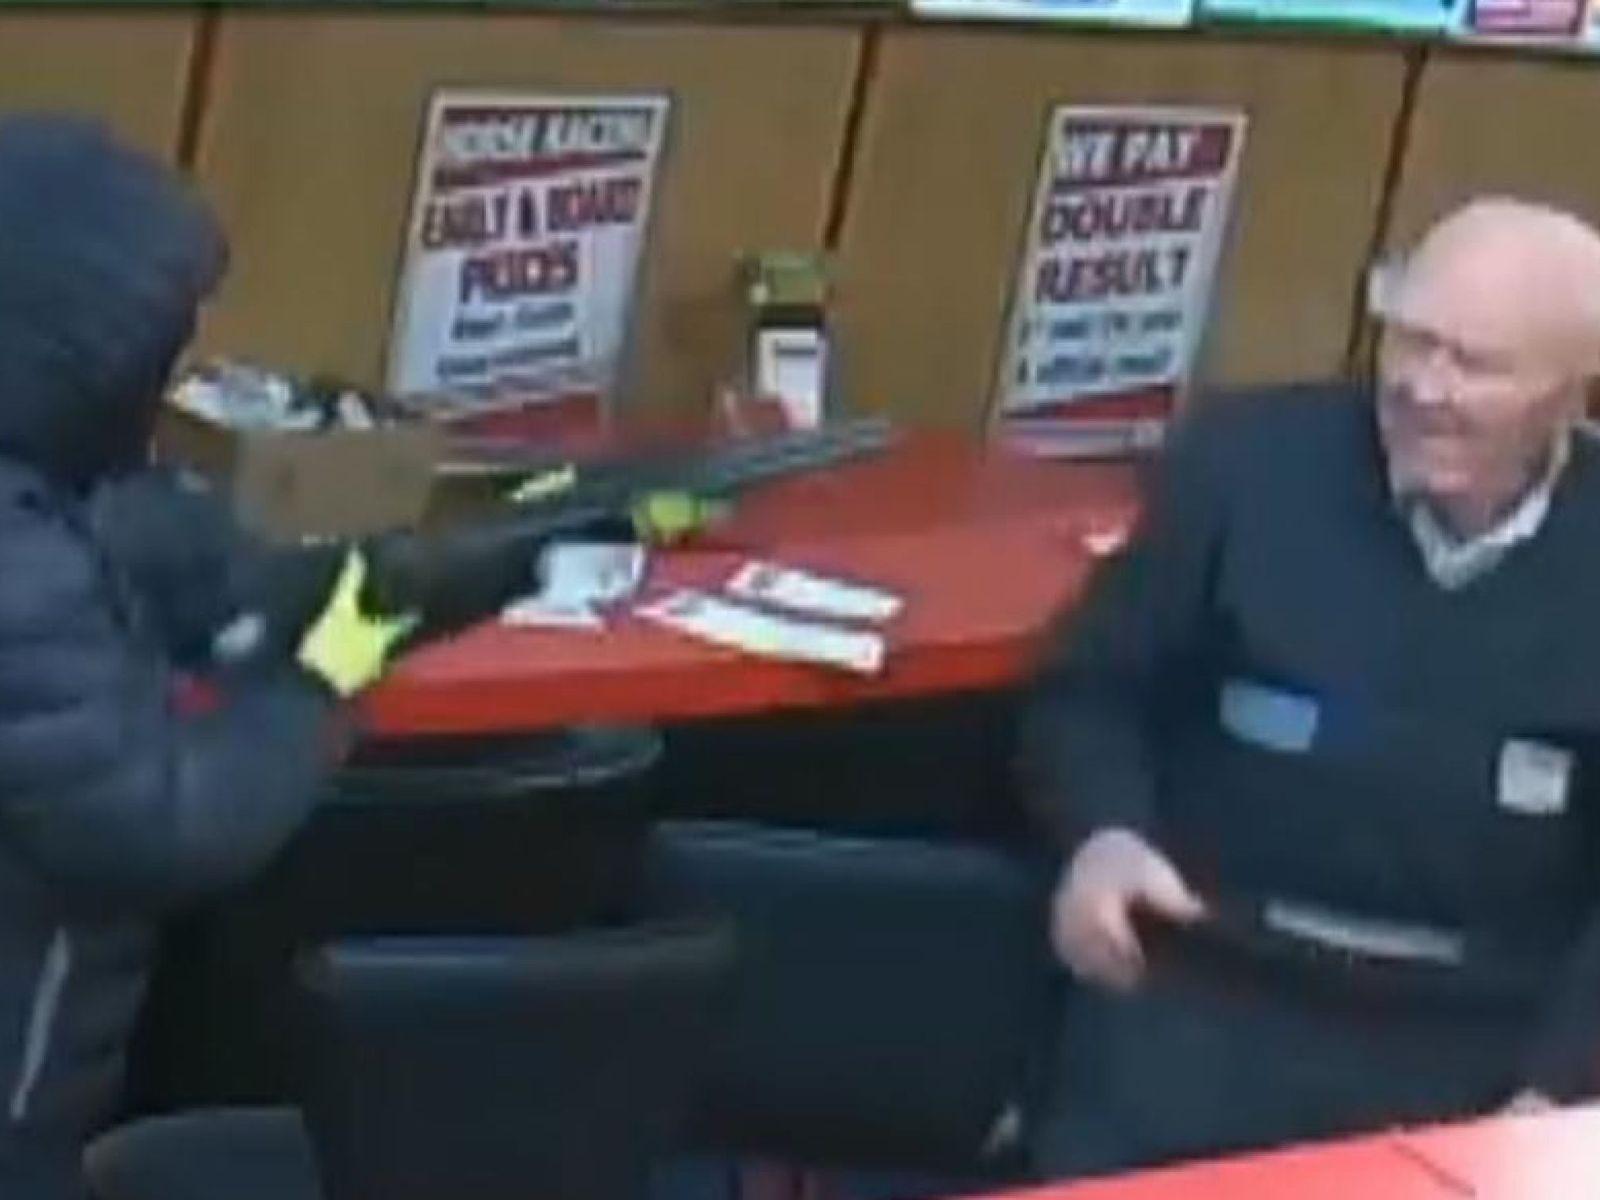 83 éves férfi segített kizavarni a fegyveres rablókat egy lóversenyirodából Írországban